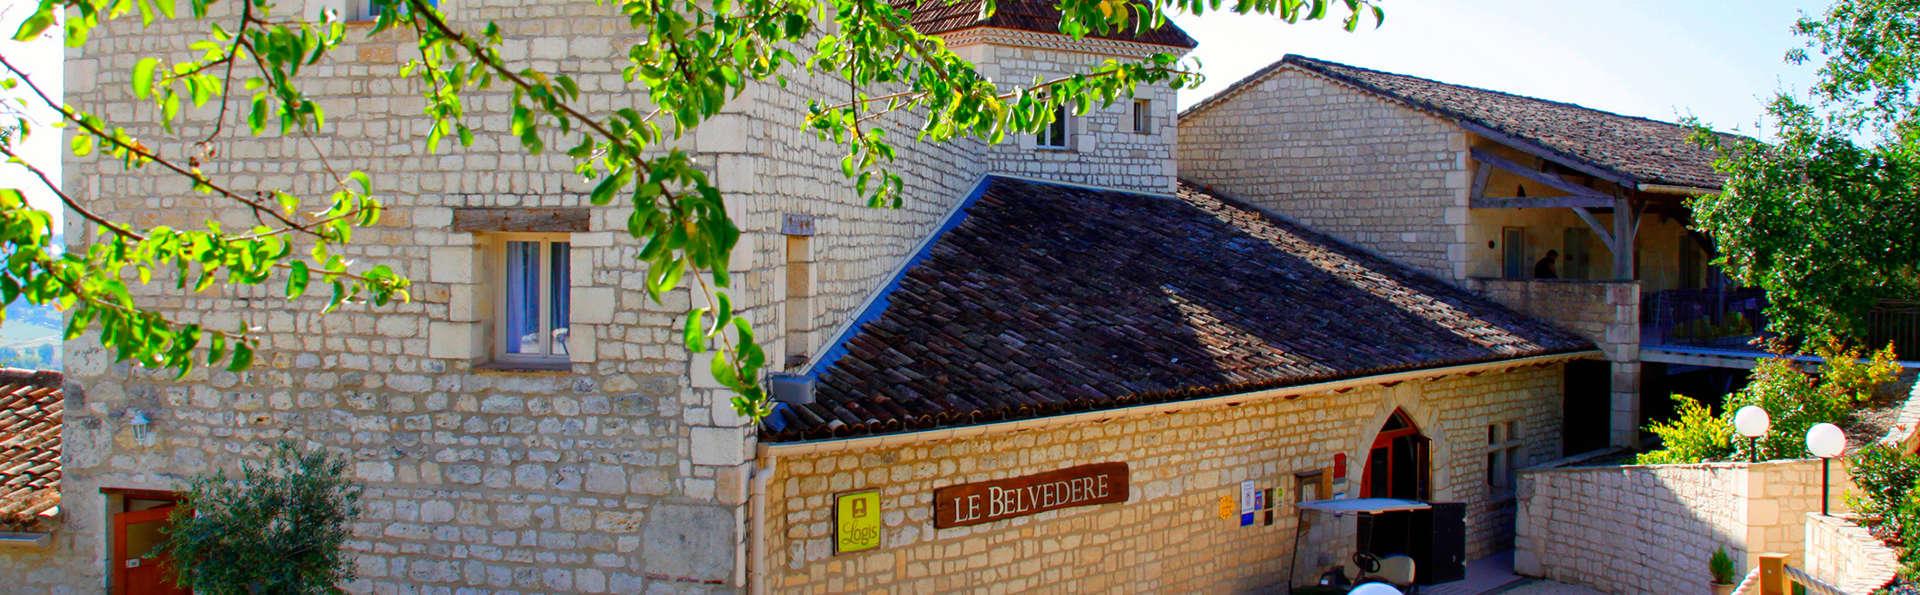 Le Belvédère - EDIT_front1.jpg